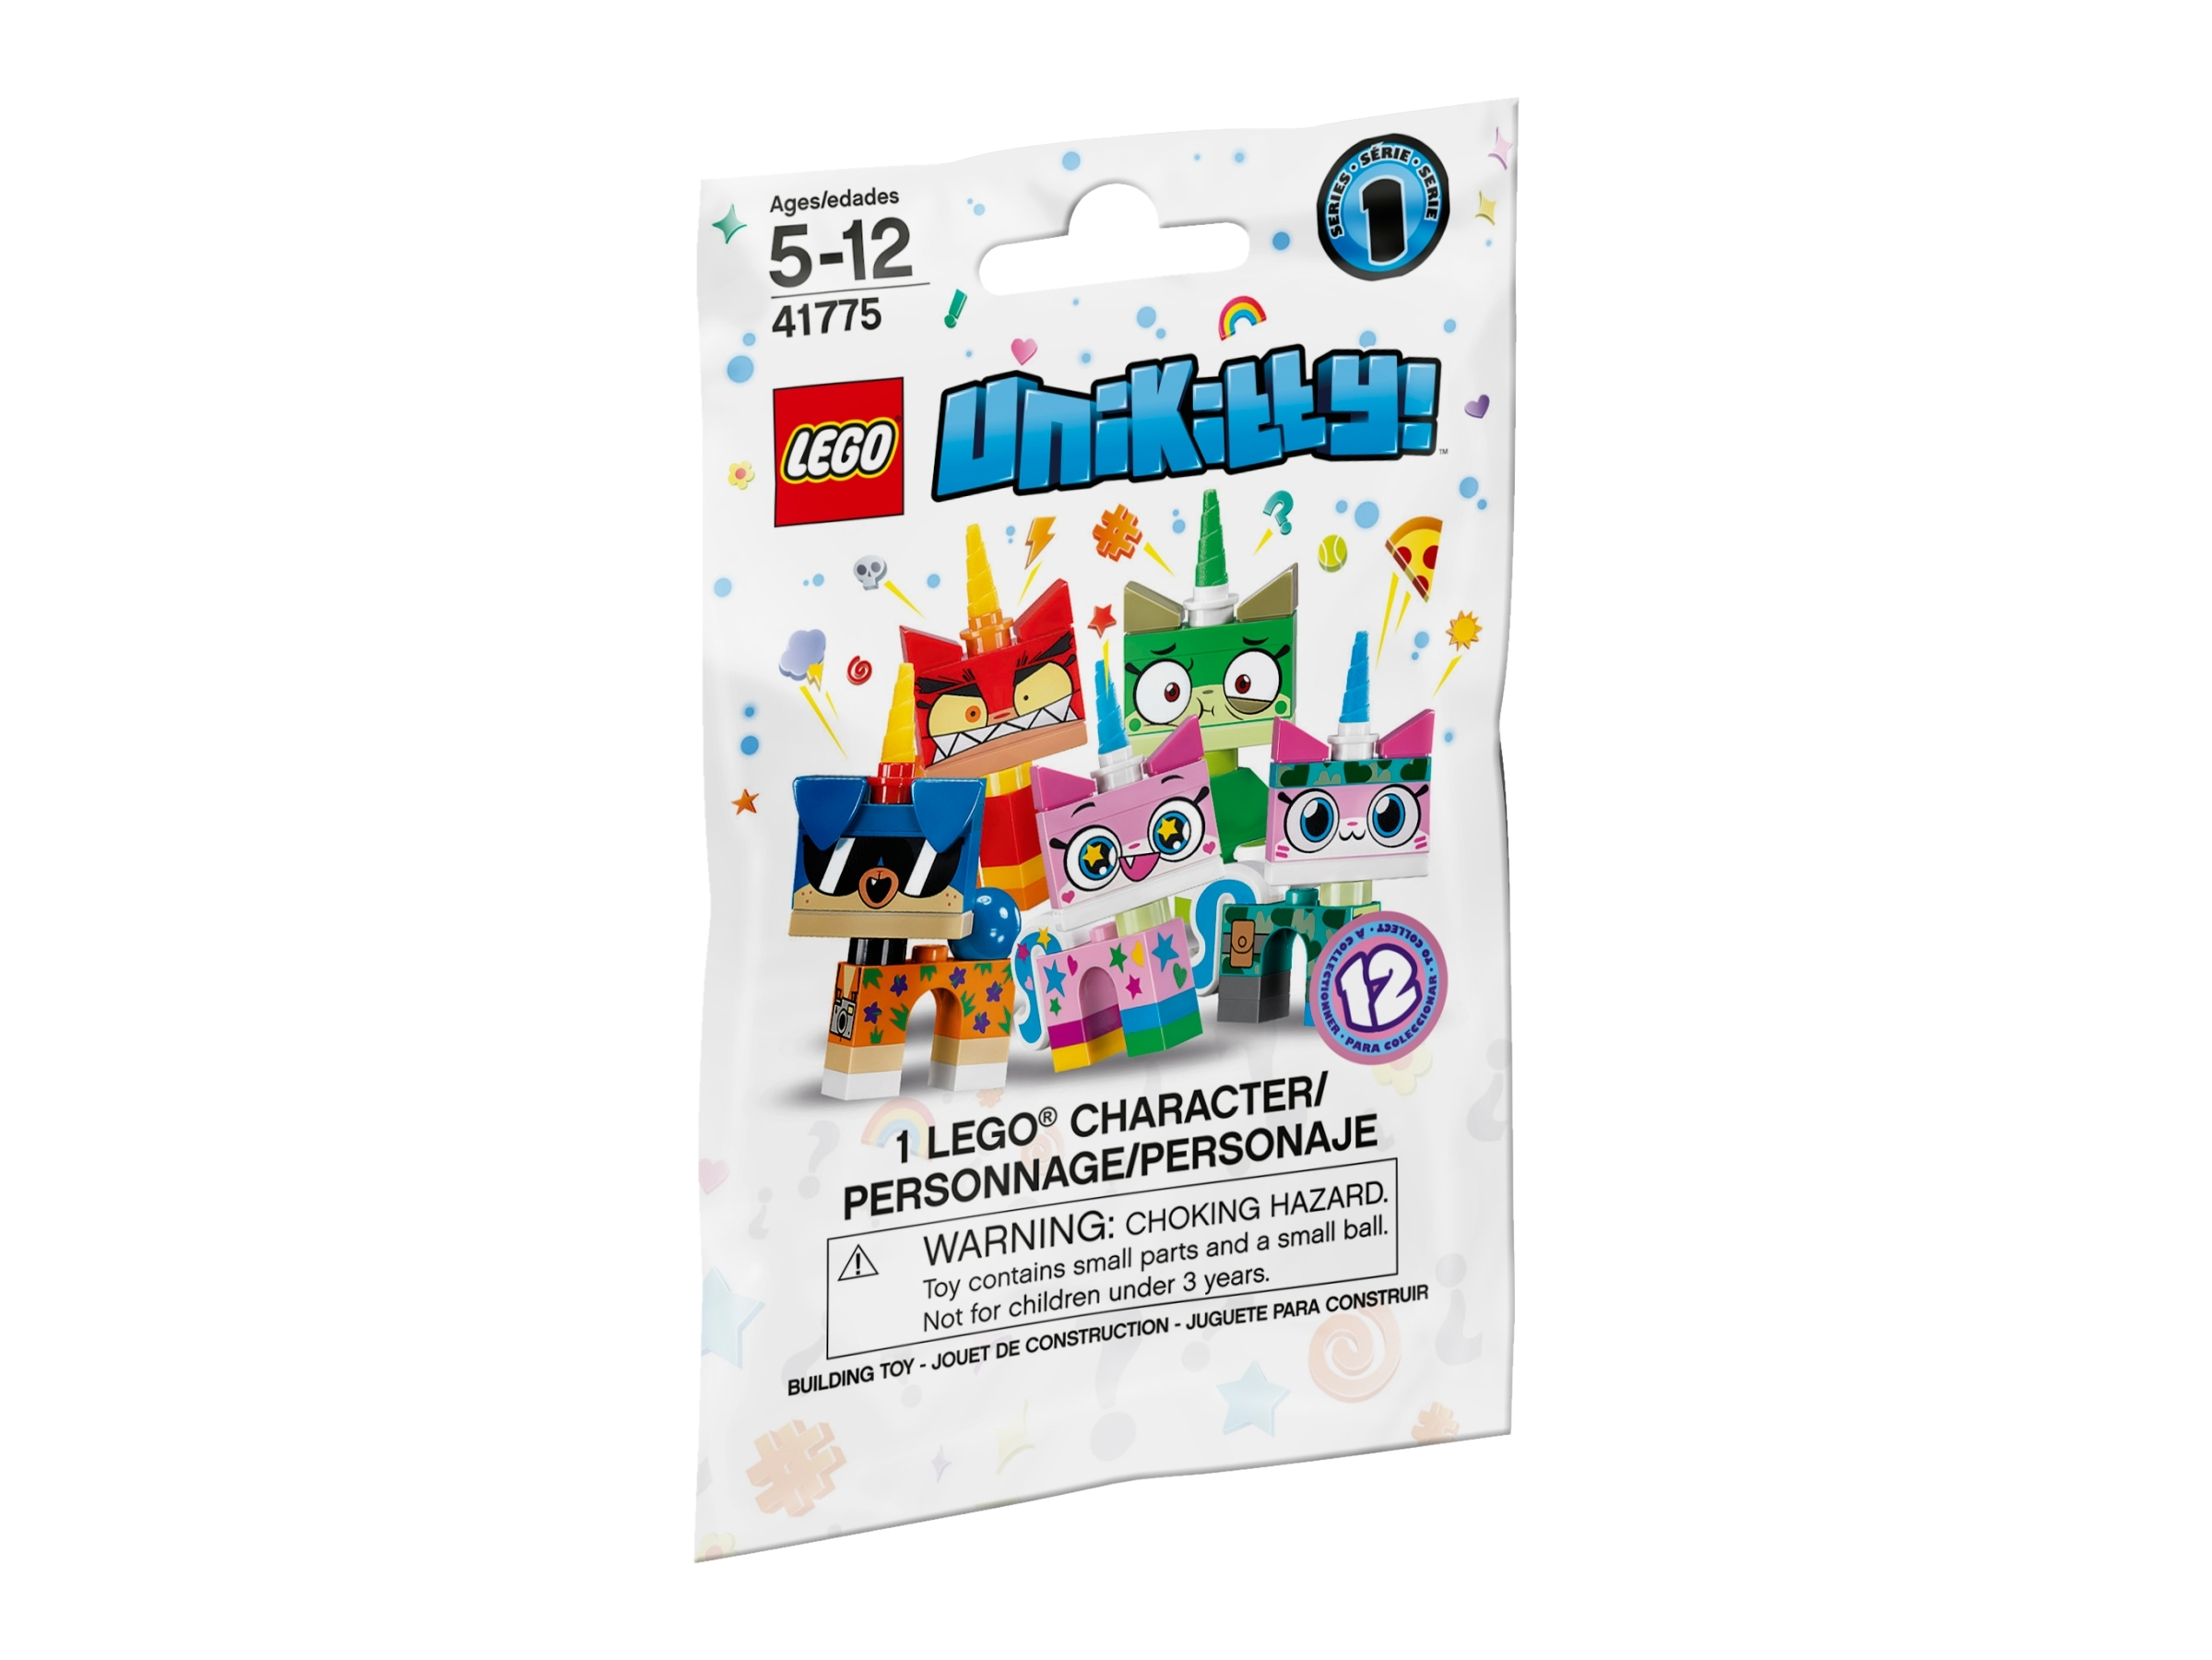 LEGO UNIKITTY MINIFIGURES Pick Your Own Minifigure Series 1 41775 NEW